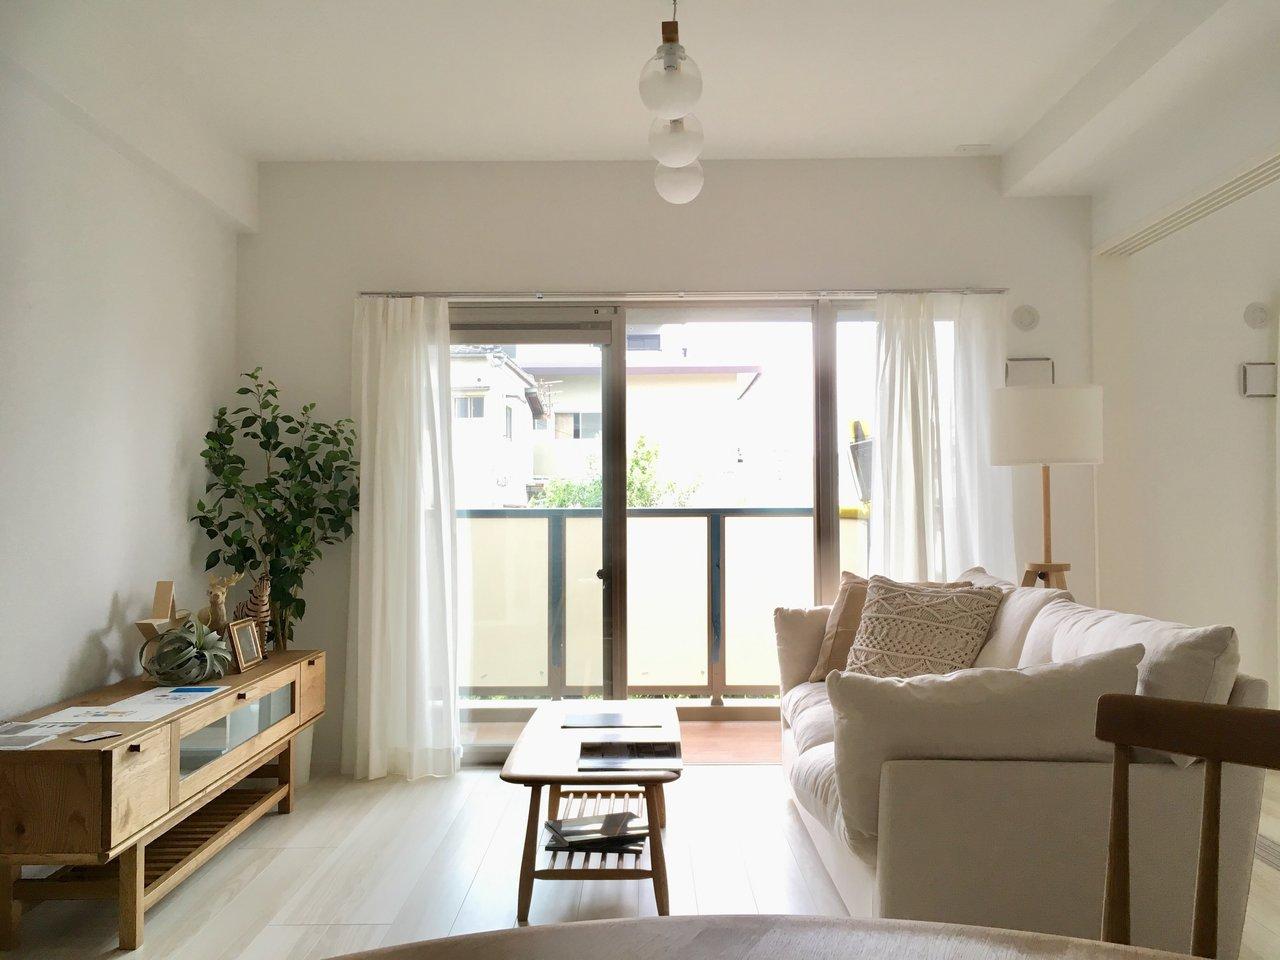 内装も落ち着いた雰囲気。北欧系のシンプルなインテリアが似合いそうですね※家具、小物はサンプルです